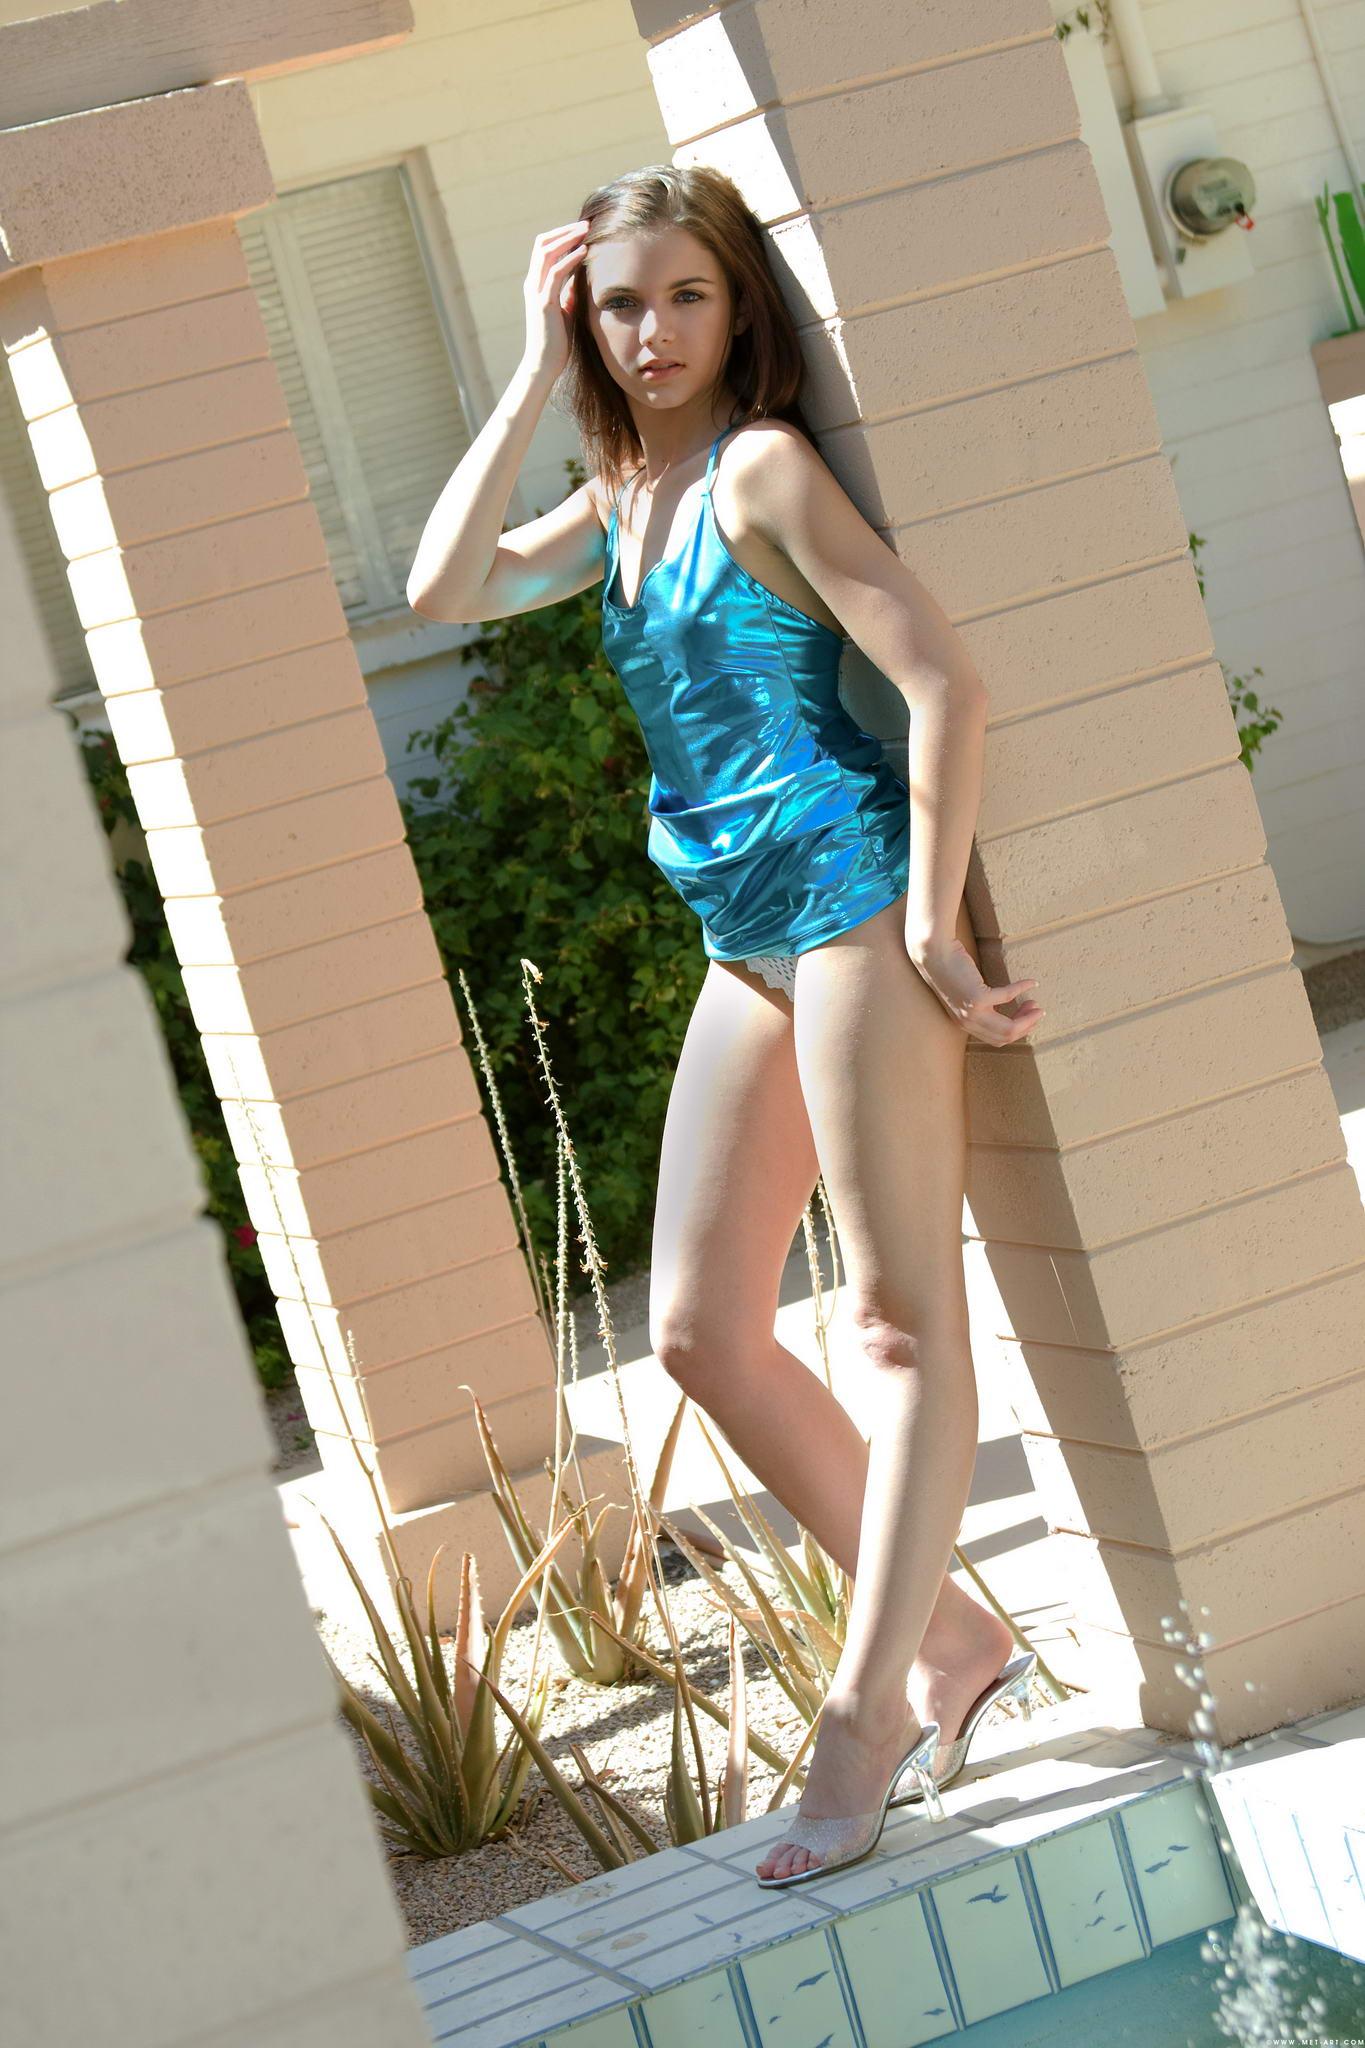 Юная девочка в попку фото 15 фотография